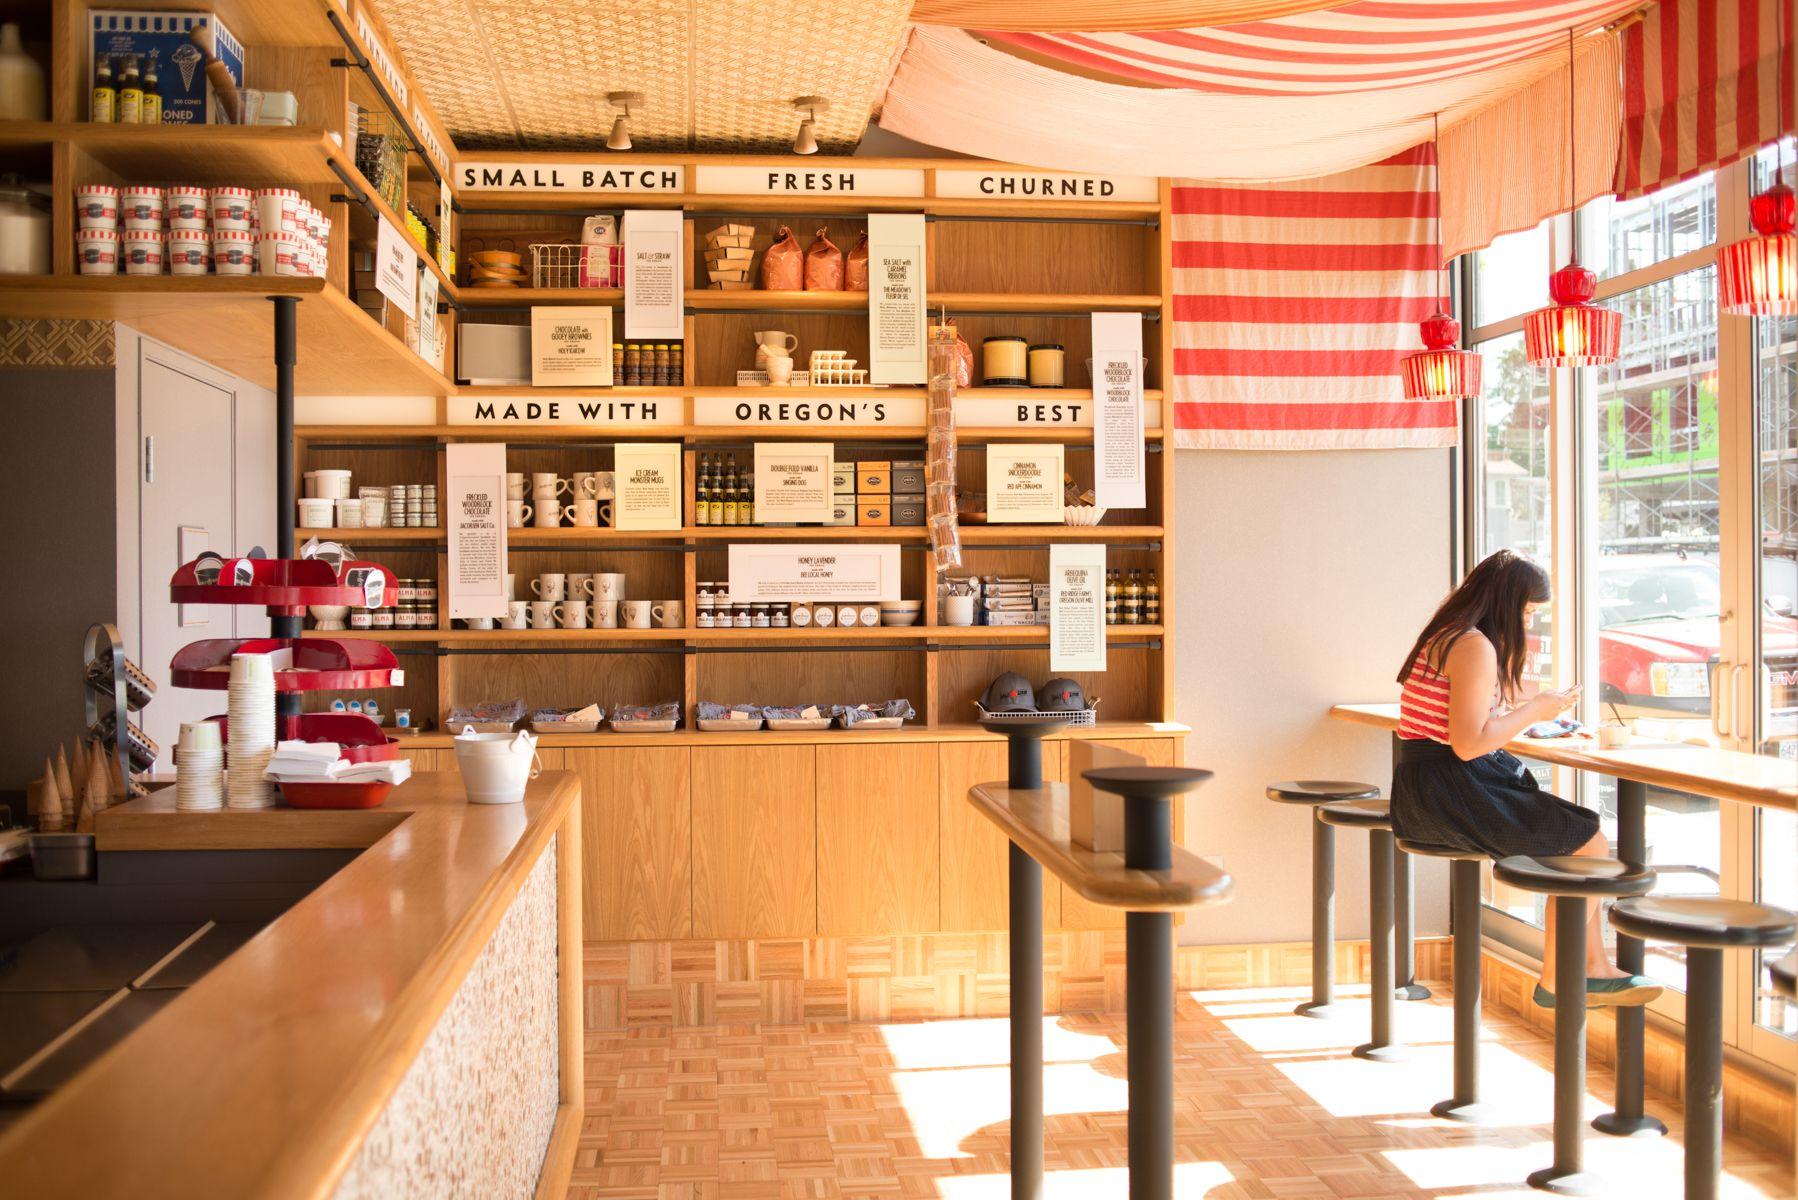 Portland Oregon Salt Straw Salt And Straw Coffee Shop Ice Cream Shop